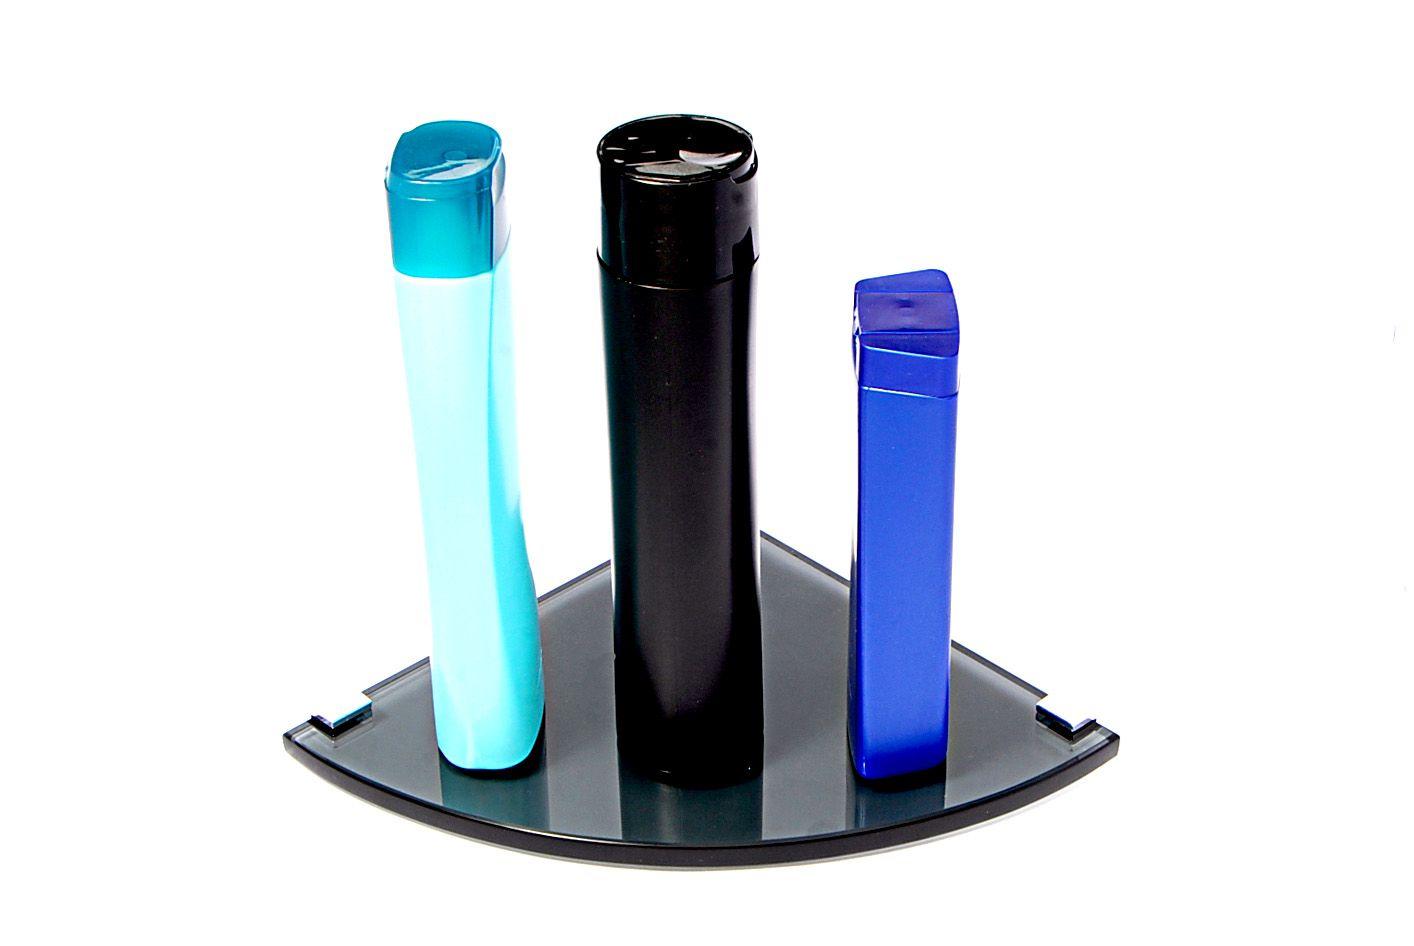 Porta Shampoo de Canto Curvo em Vidro Fumê Lapidado - Aquabox  - 20cmx20cmx10mm